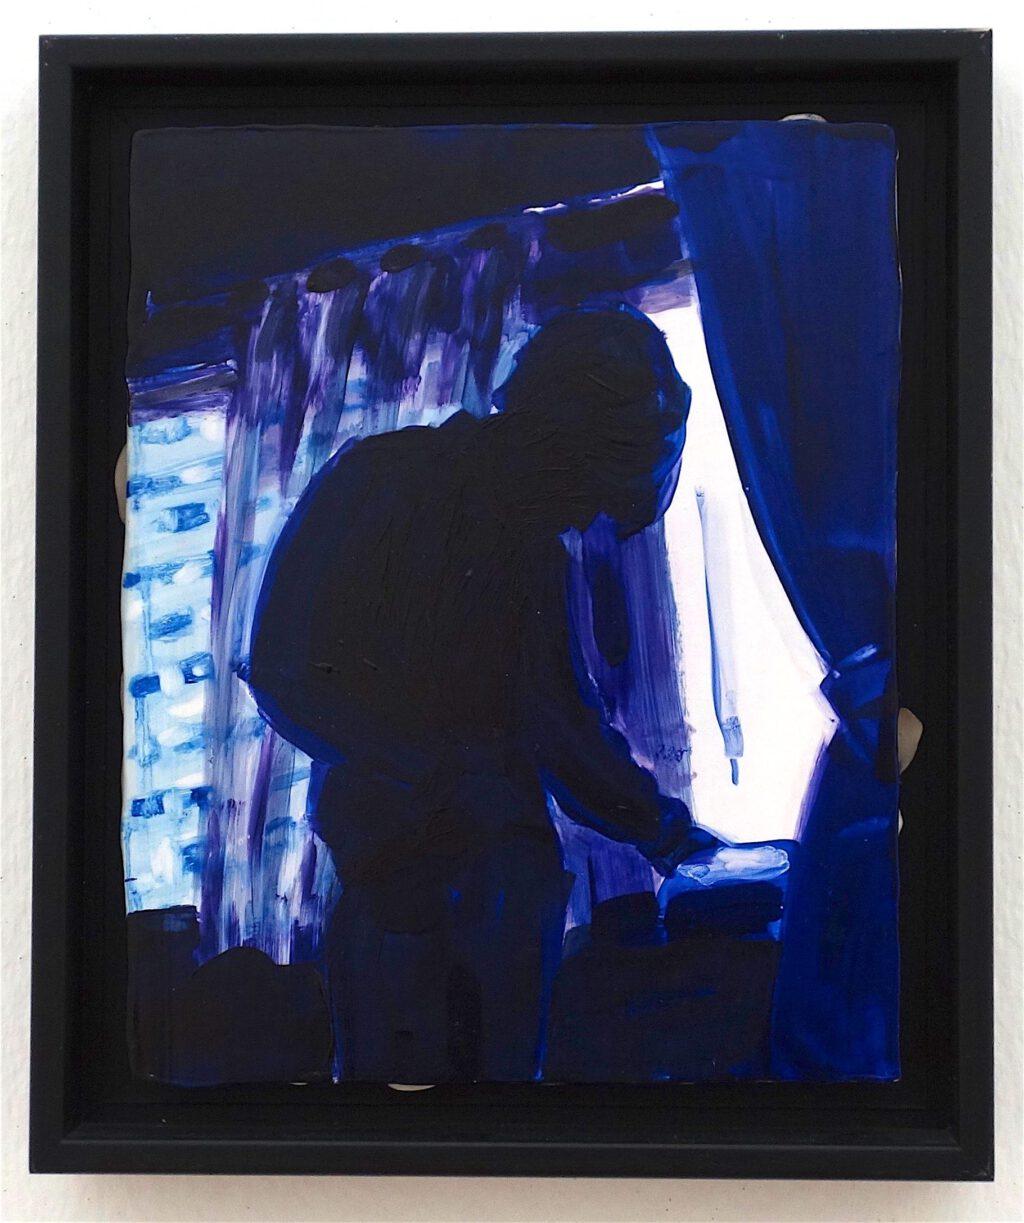 エリザベス・ペイトン「東京 (クレイグ)」木材に油彩と石膏、26 x 20.6 センチ、1997年